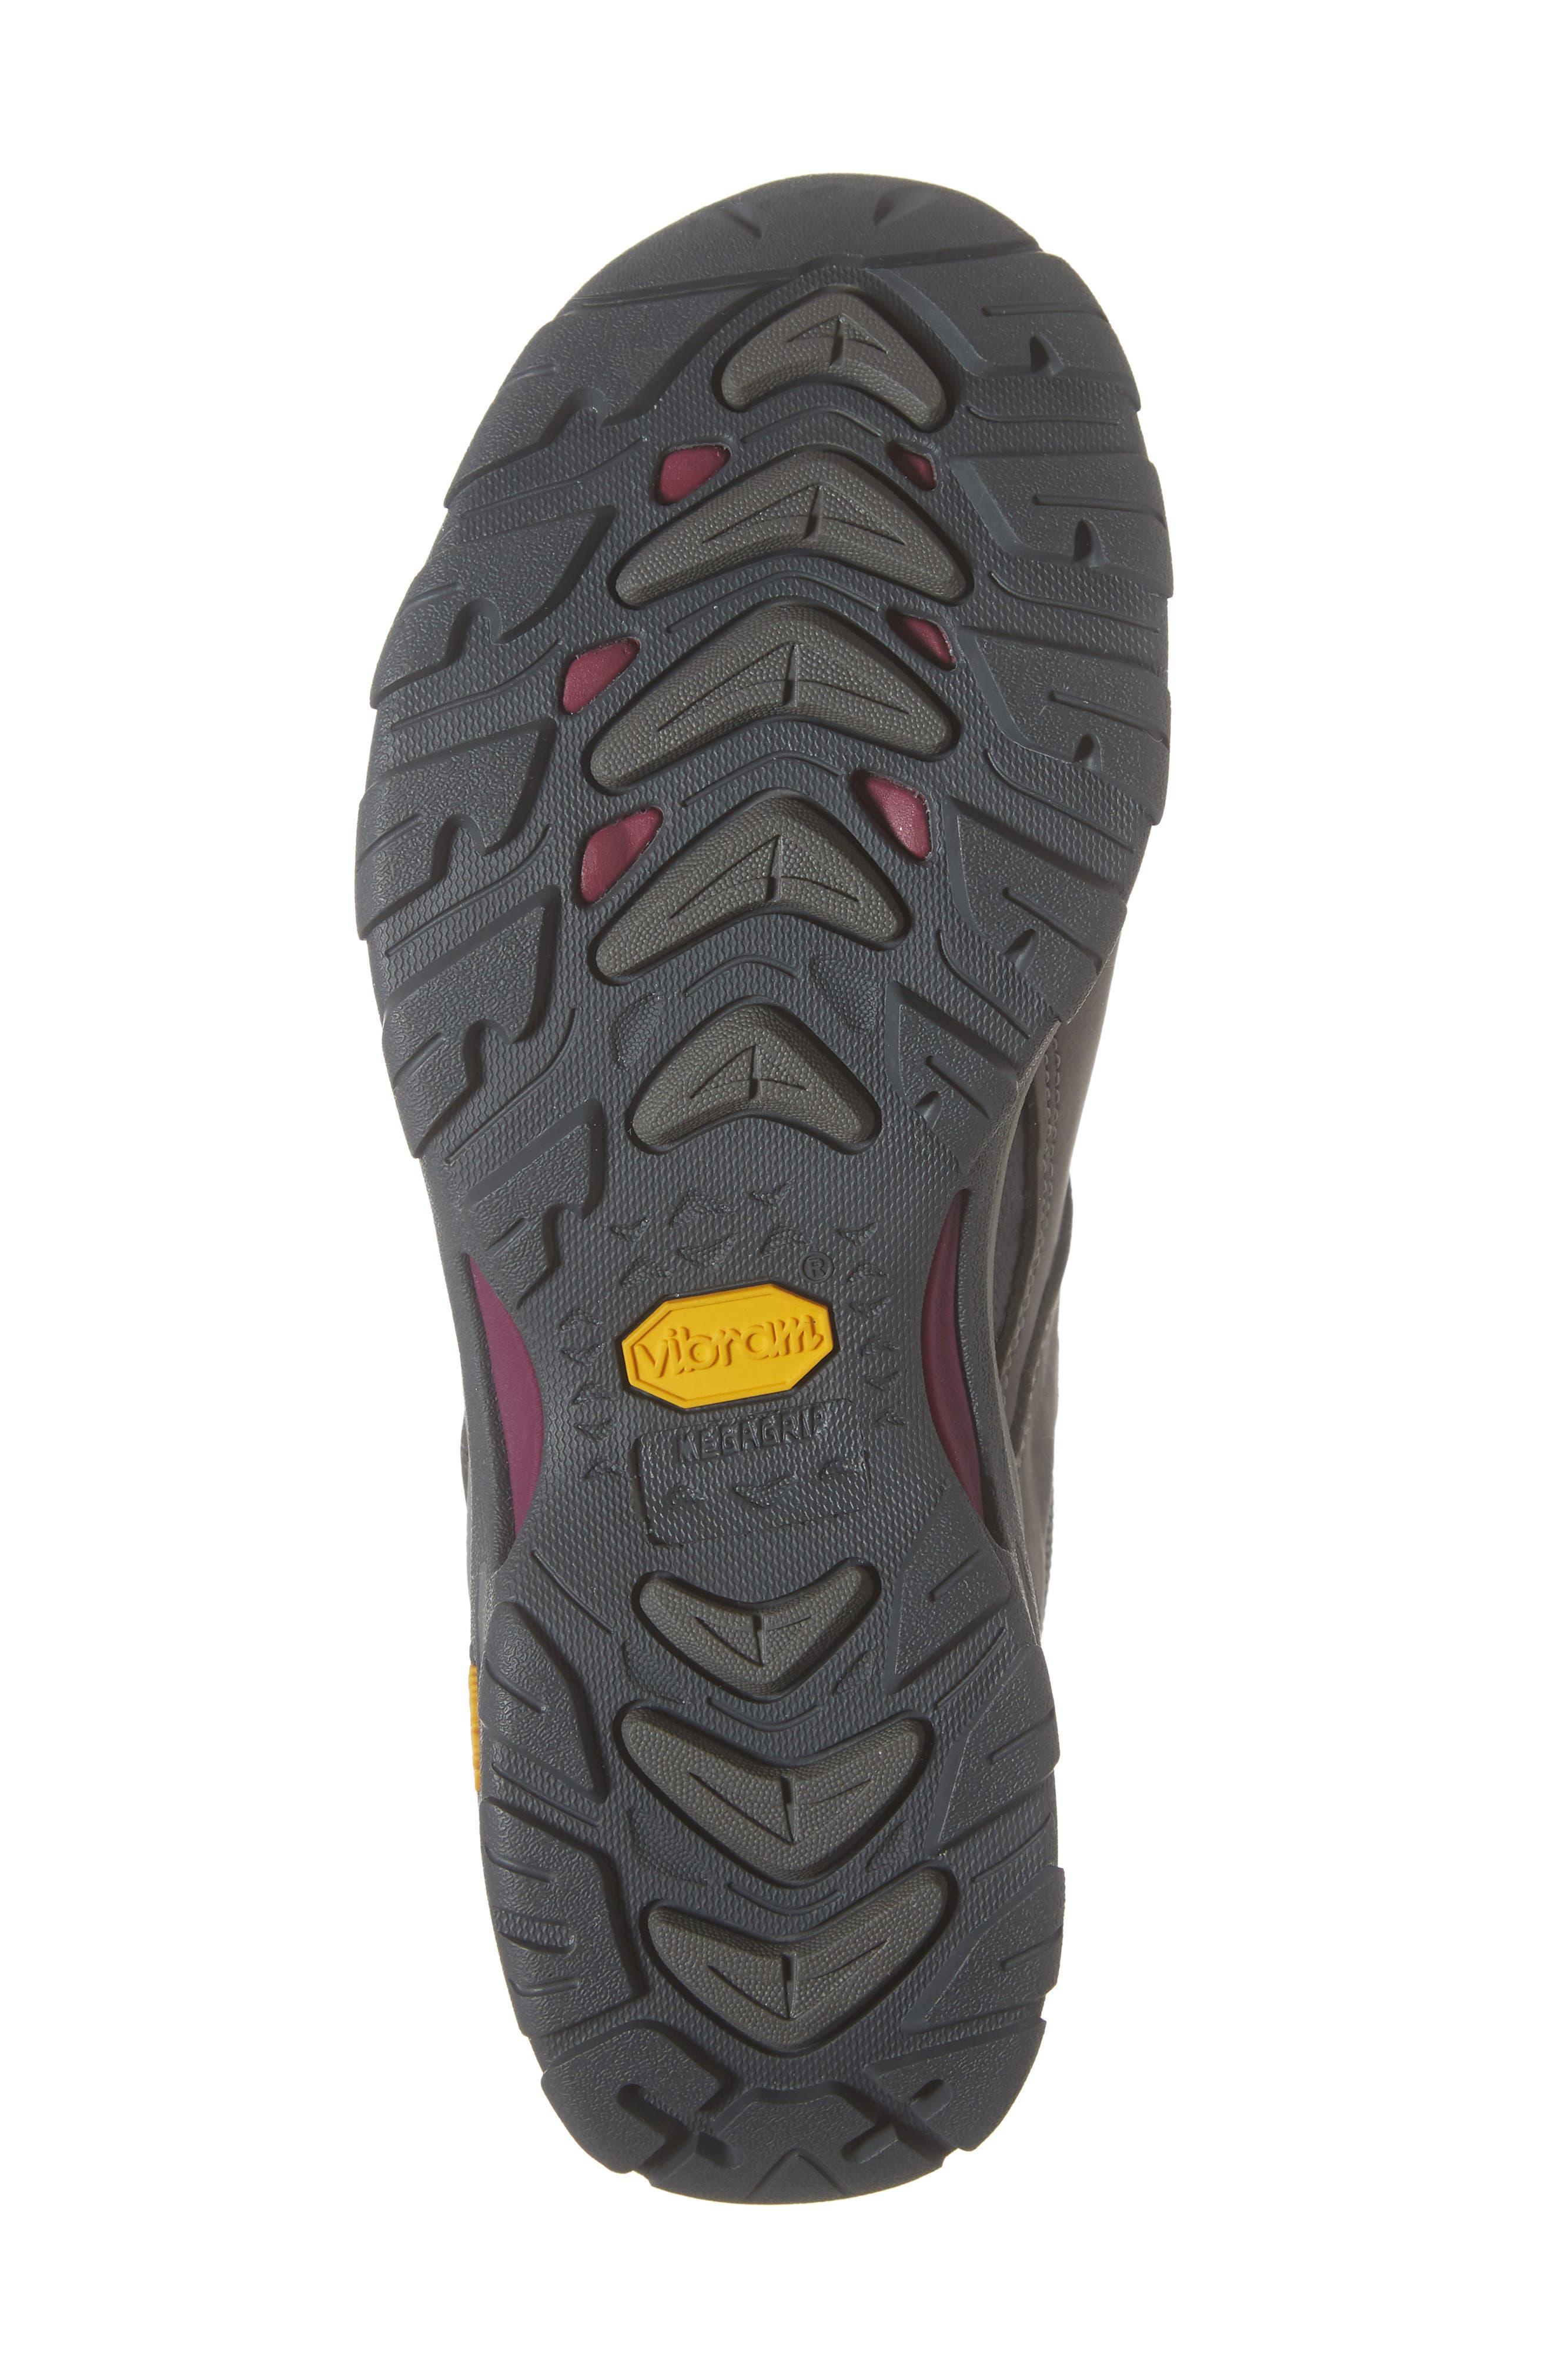 TEVA,                             Ahnu by Teva Montara III Waterproof Hiking Sneaker,                             Alternate thumbnail 6, color,                             CHARCOAL GRAY NUBUCK LEATHER